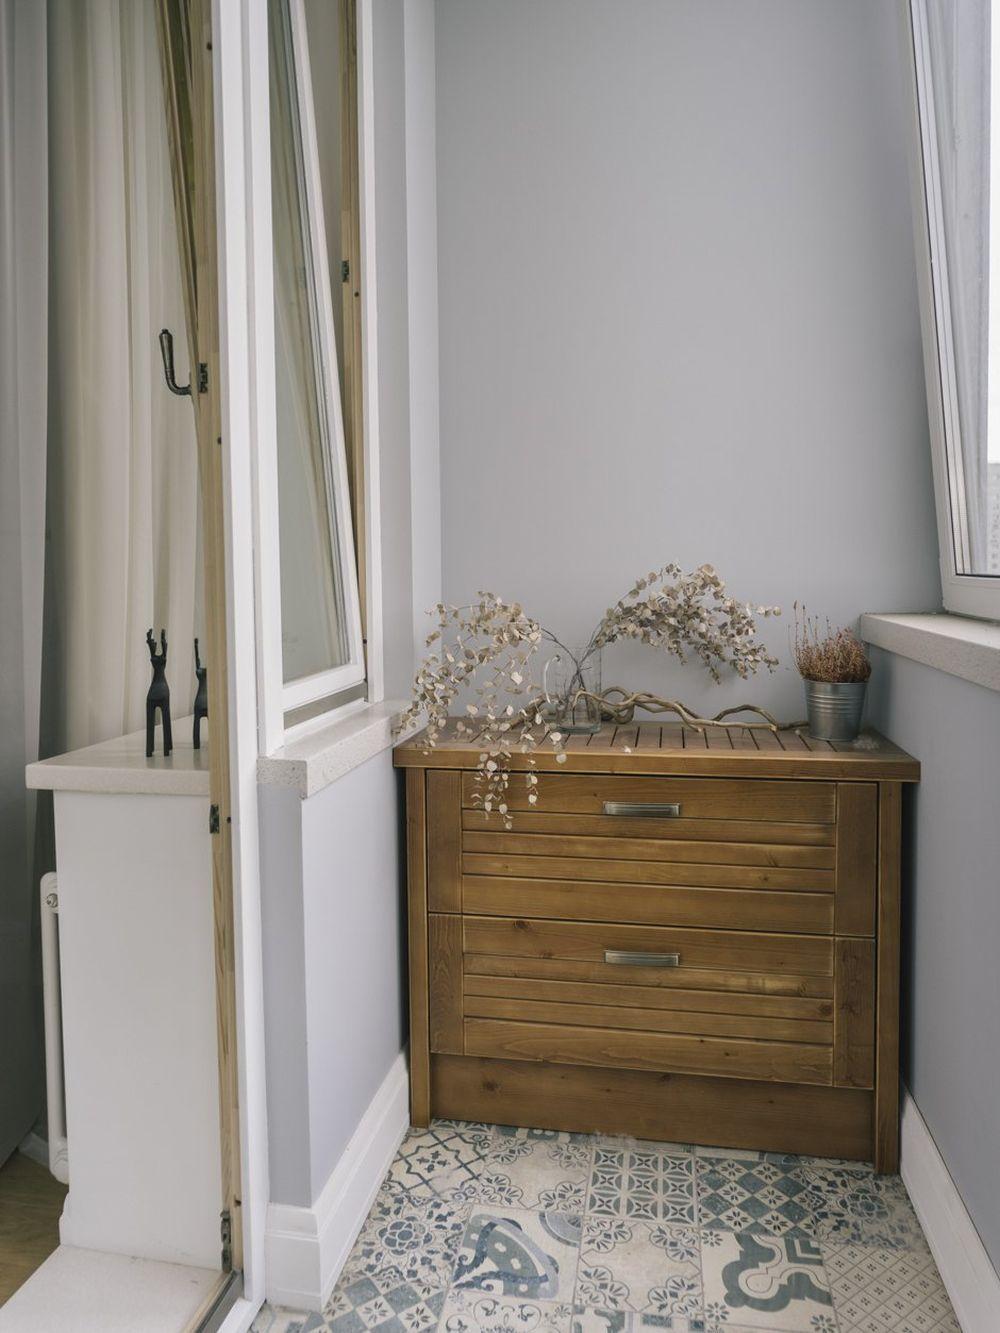 adelaparvu.com despre apartament 2 camere, 72 mp, Rusia, design Zi Design, Foto Polina Rukavichkina (9)